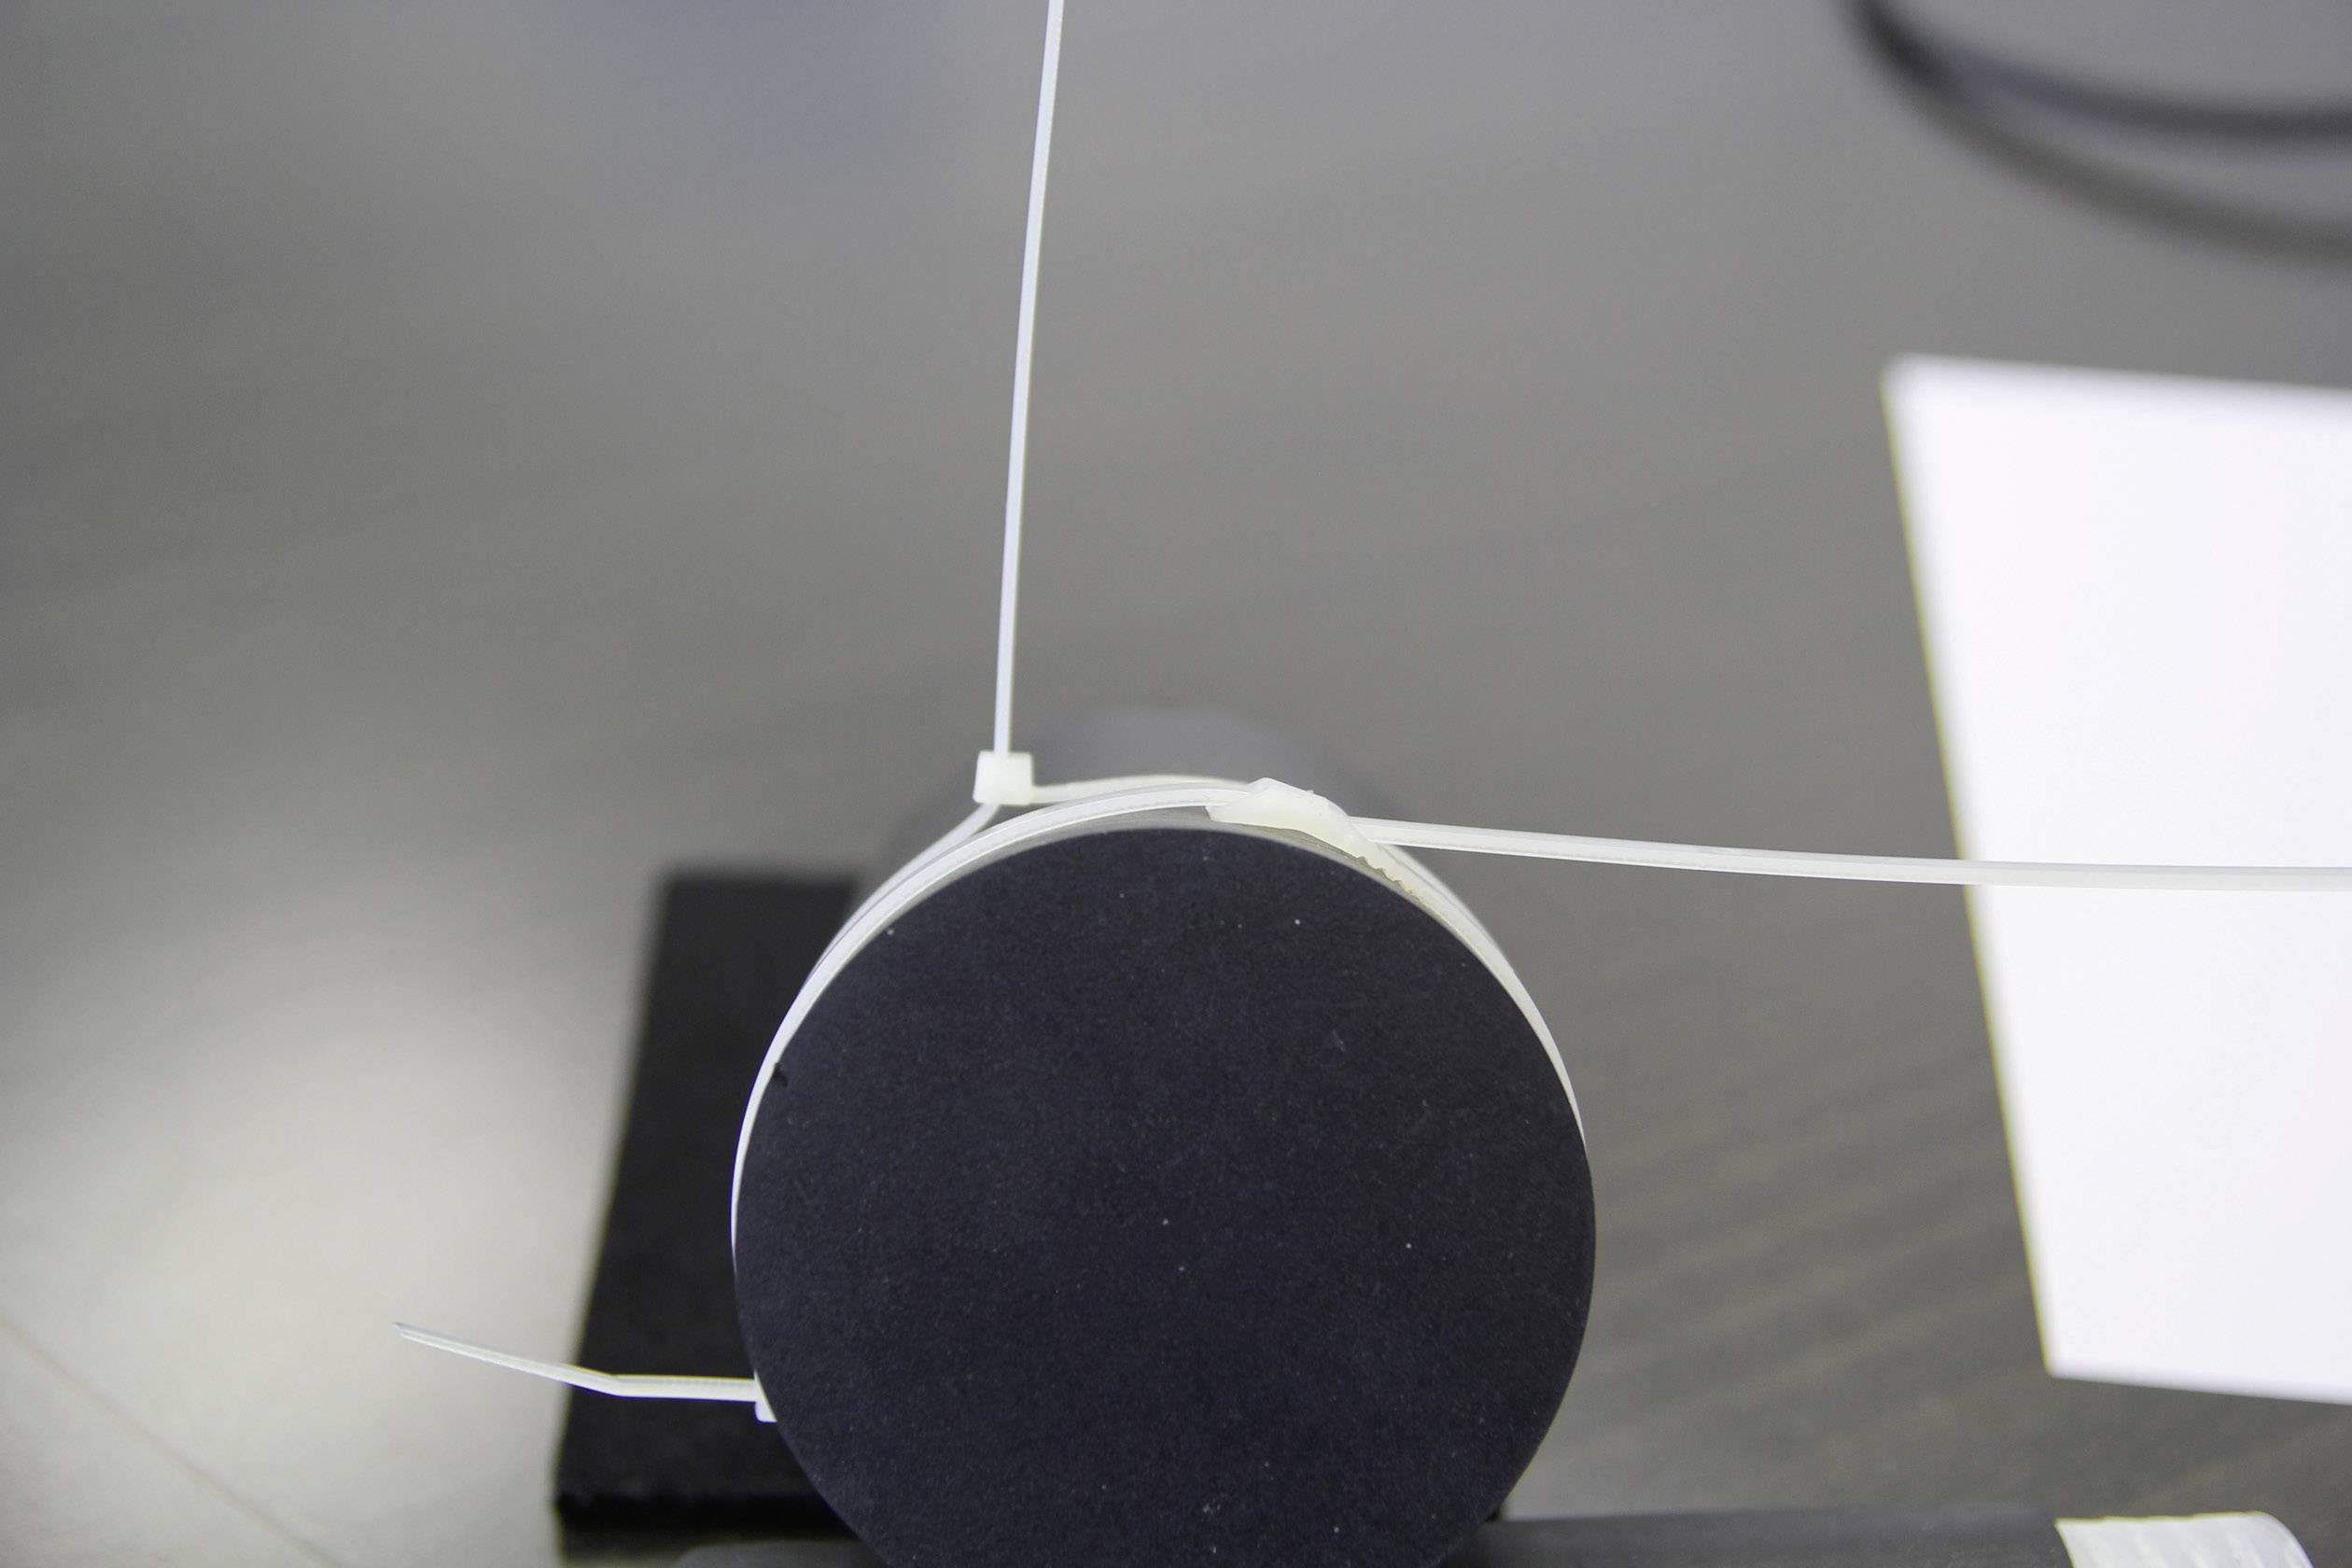 Kabelska vezica s ploščatim profilom (D x Š) 190.5 mm x 4.5 mm naravna barva, 25 St. PB Fastener